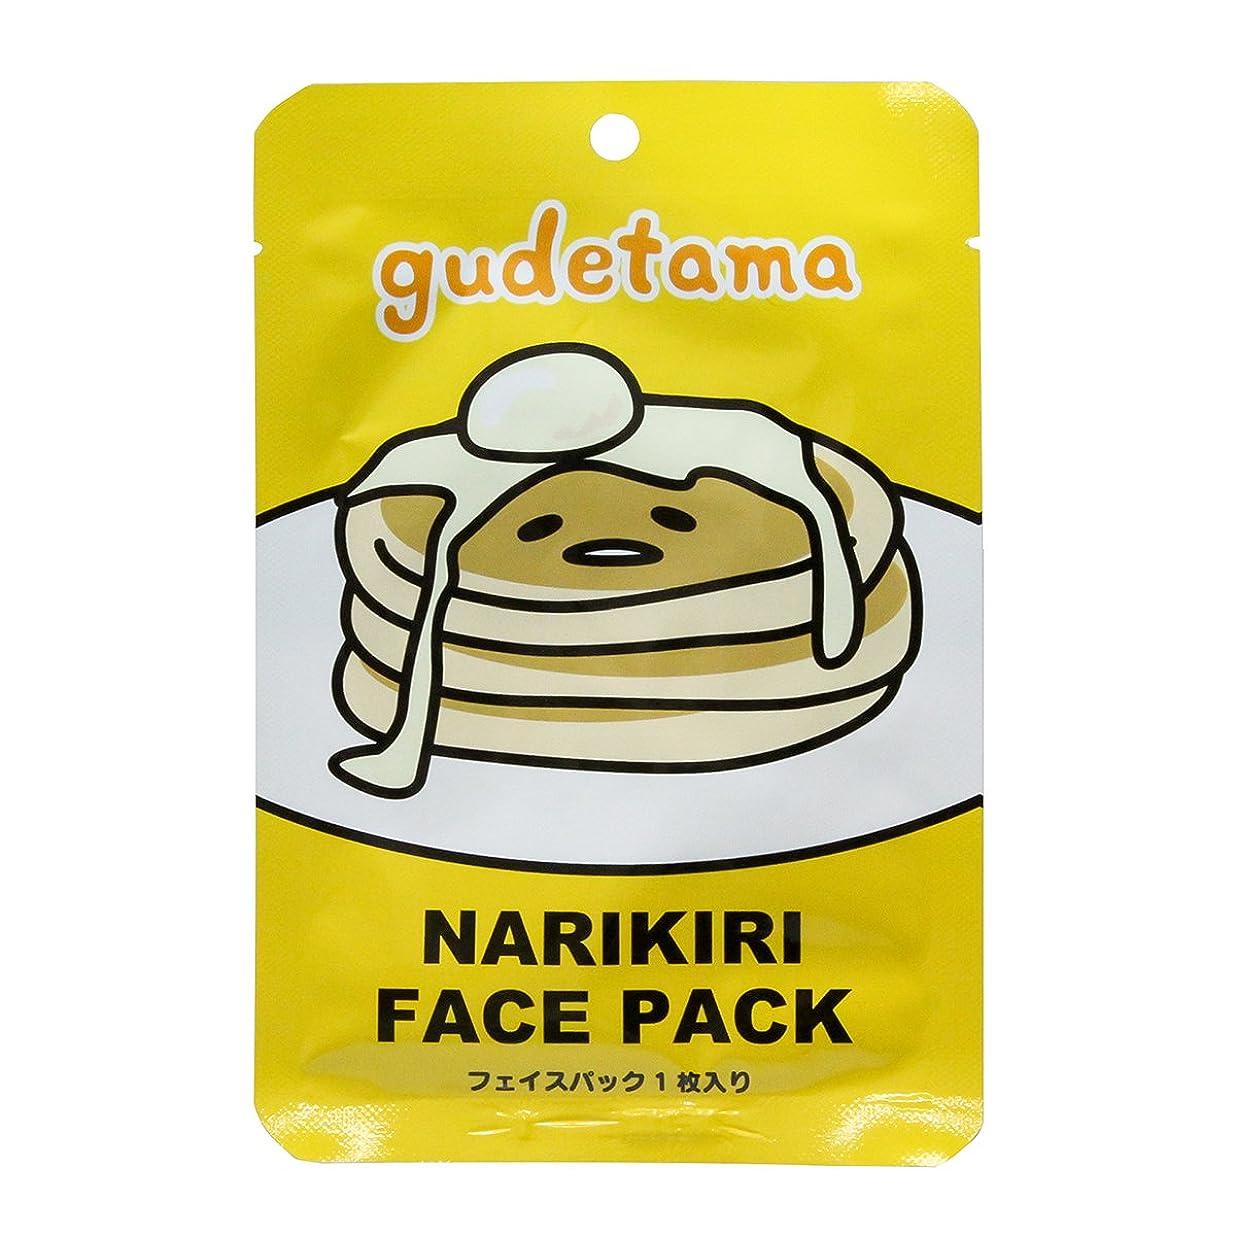 鮮やかな代表するデモンストレーションぐでたま なりきりフェイスパック パンケーキ バニラの香り (20mL × 1枚入)